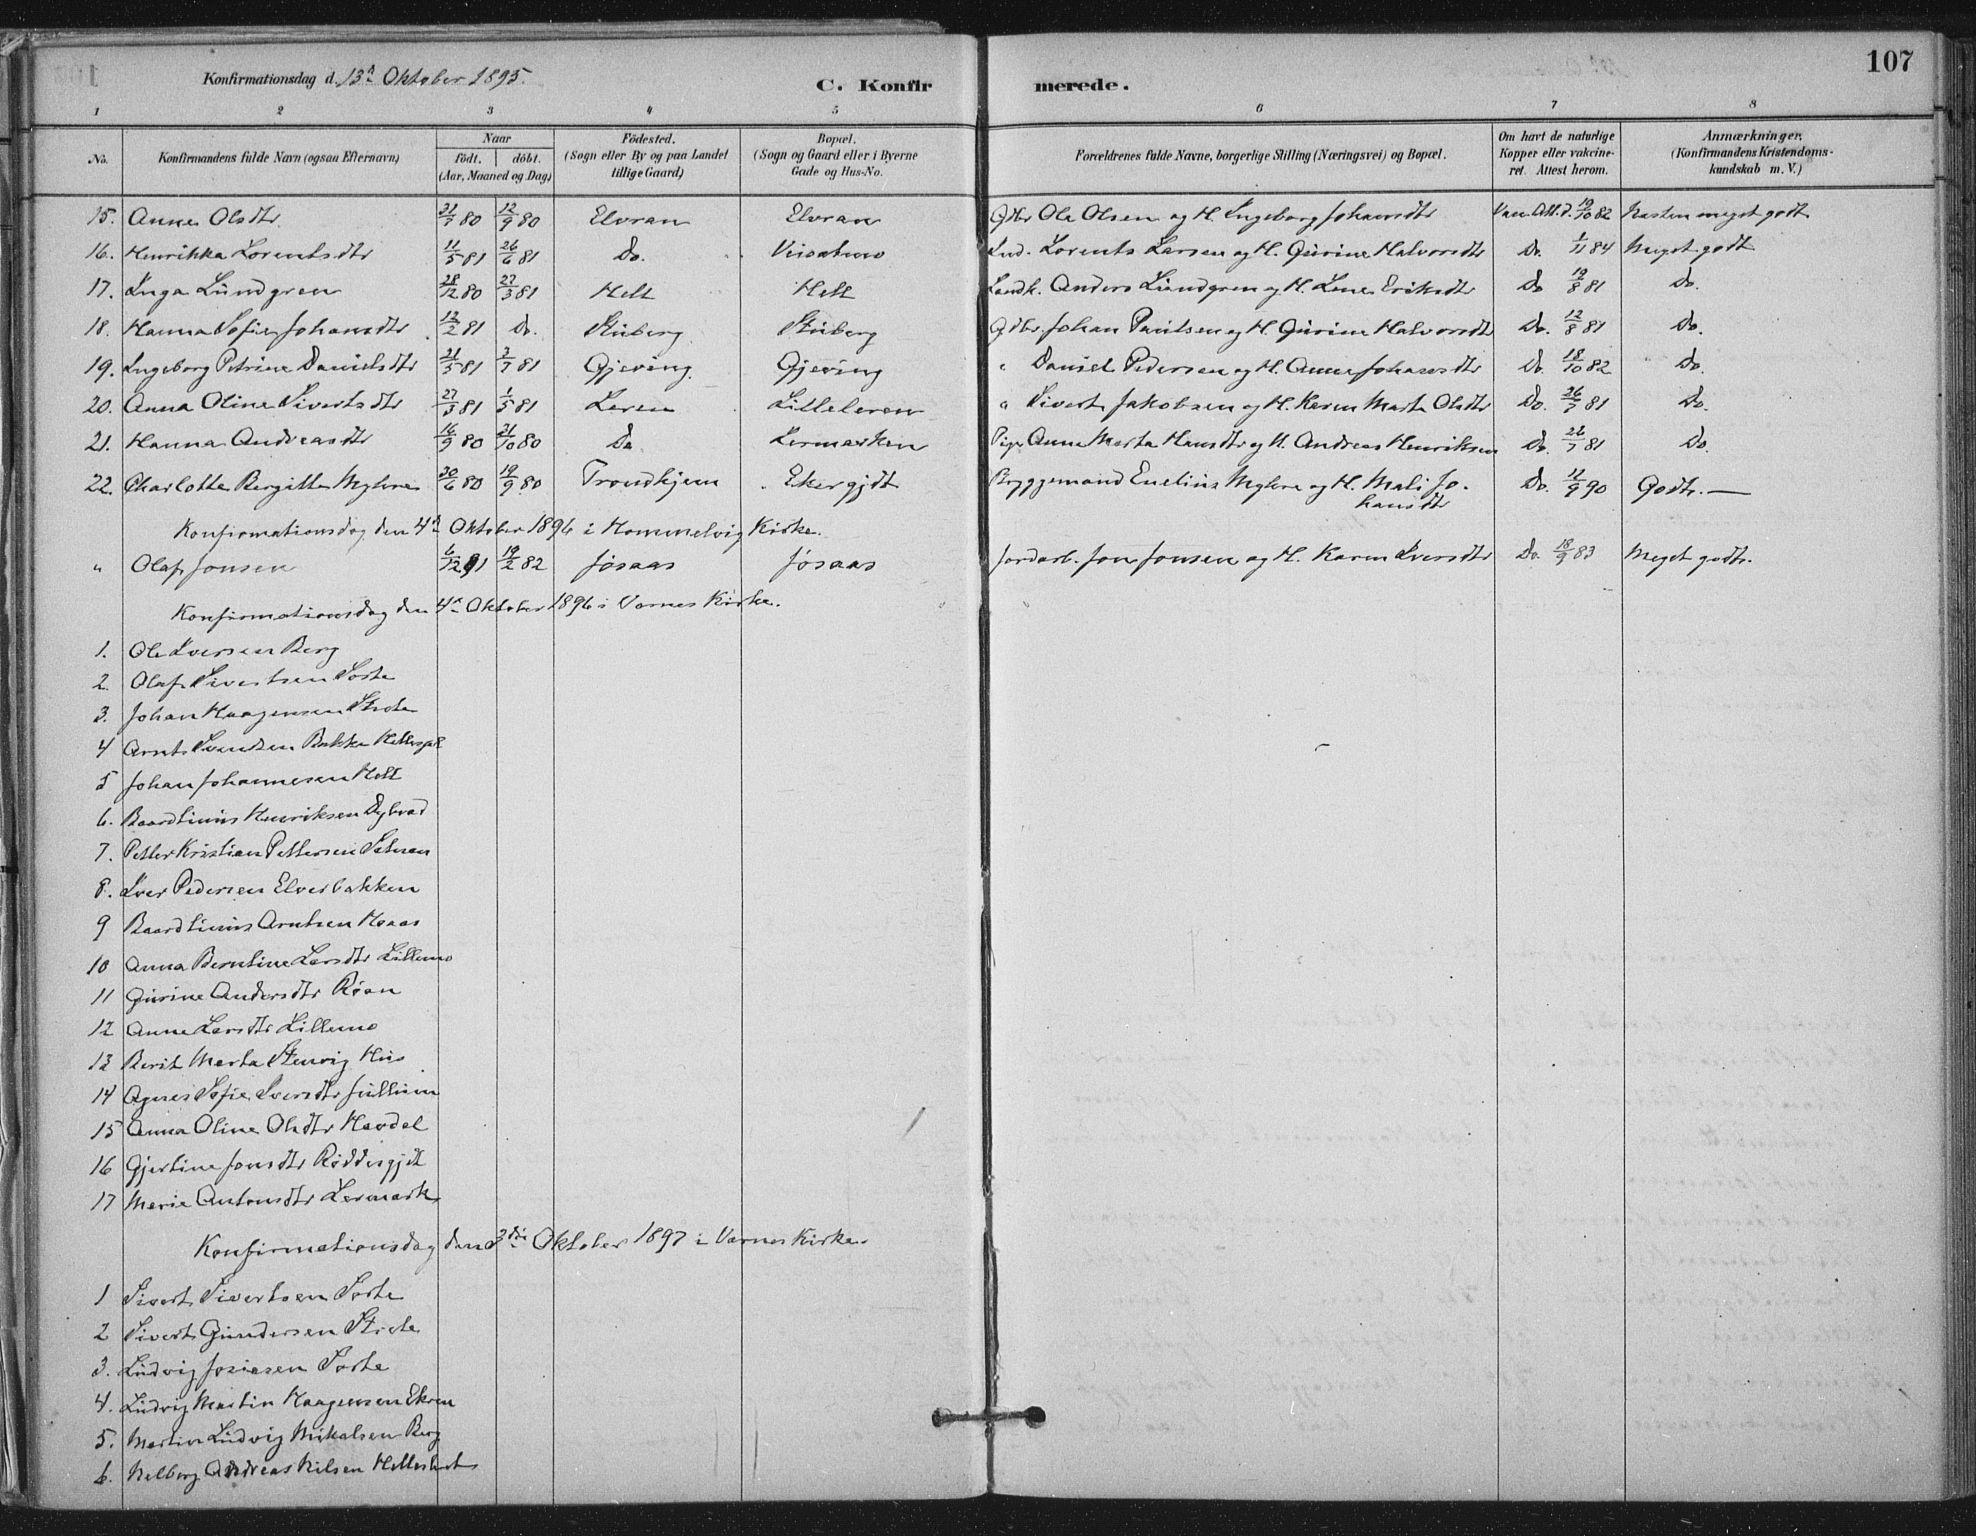 SAT, Ministerialprotokoller, klokkerbøker og fødselsregistre - Nord-Trøndelag, 710/L0095: Ministerialbok nr. 710A01, 1880-1914, s. 107